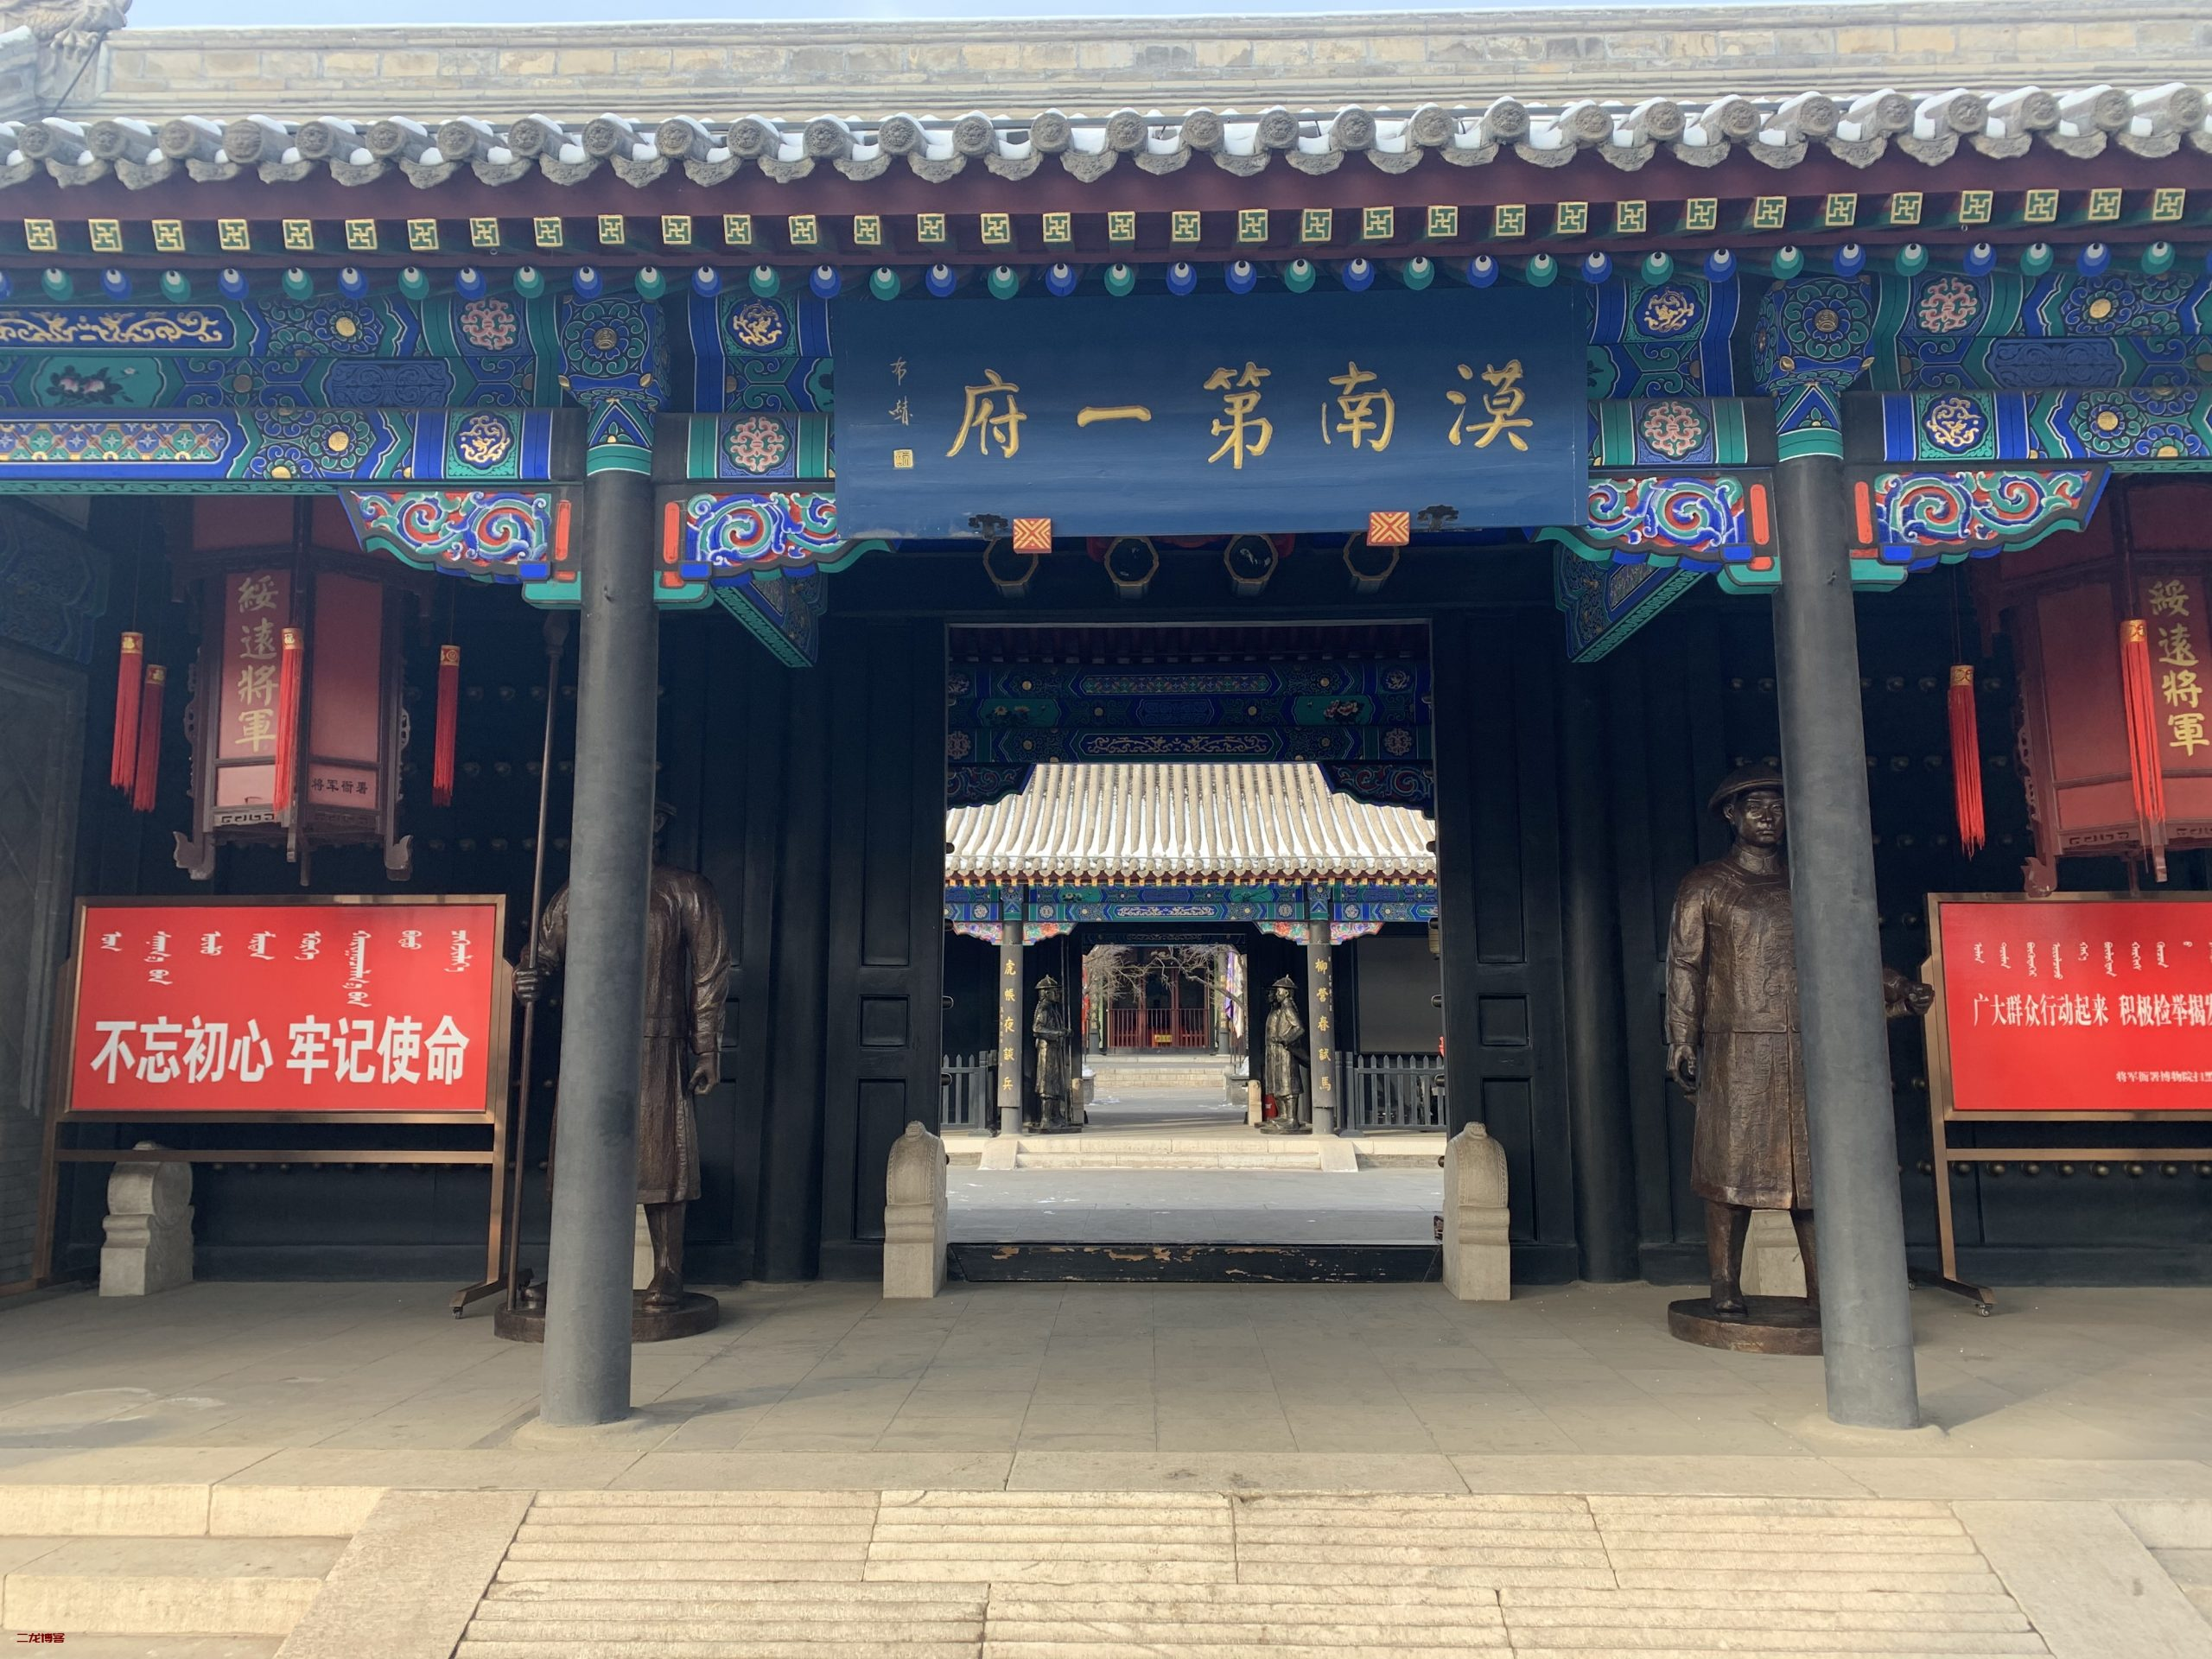 内蒙古自治区将军衙署